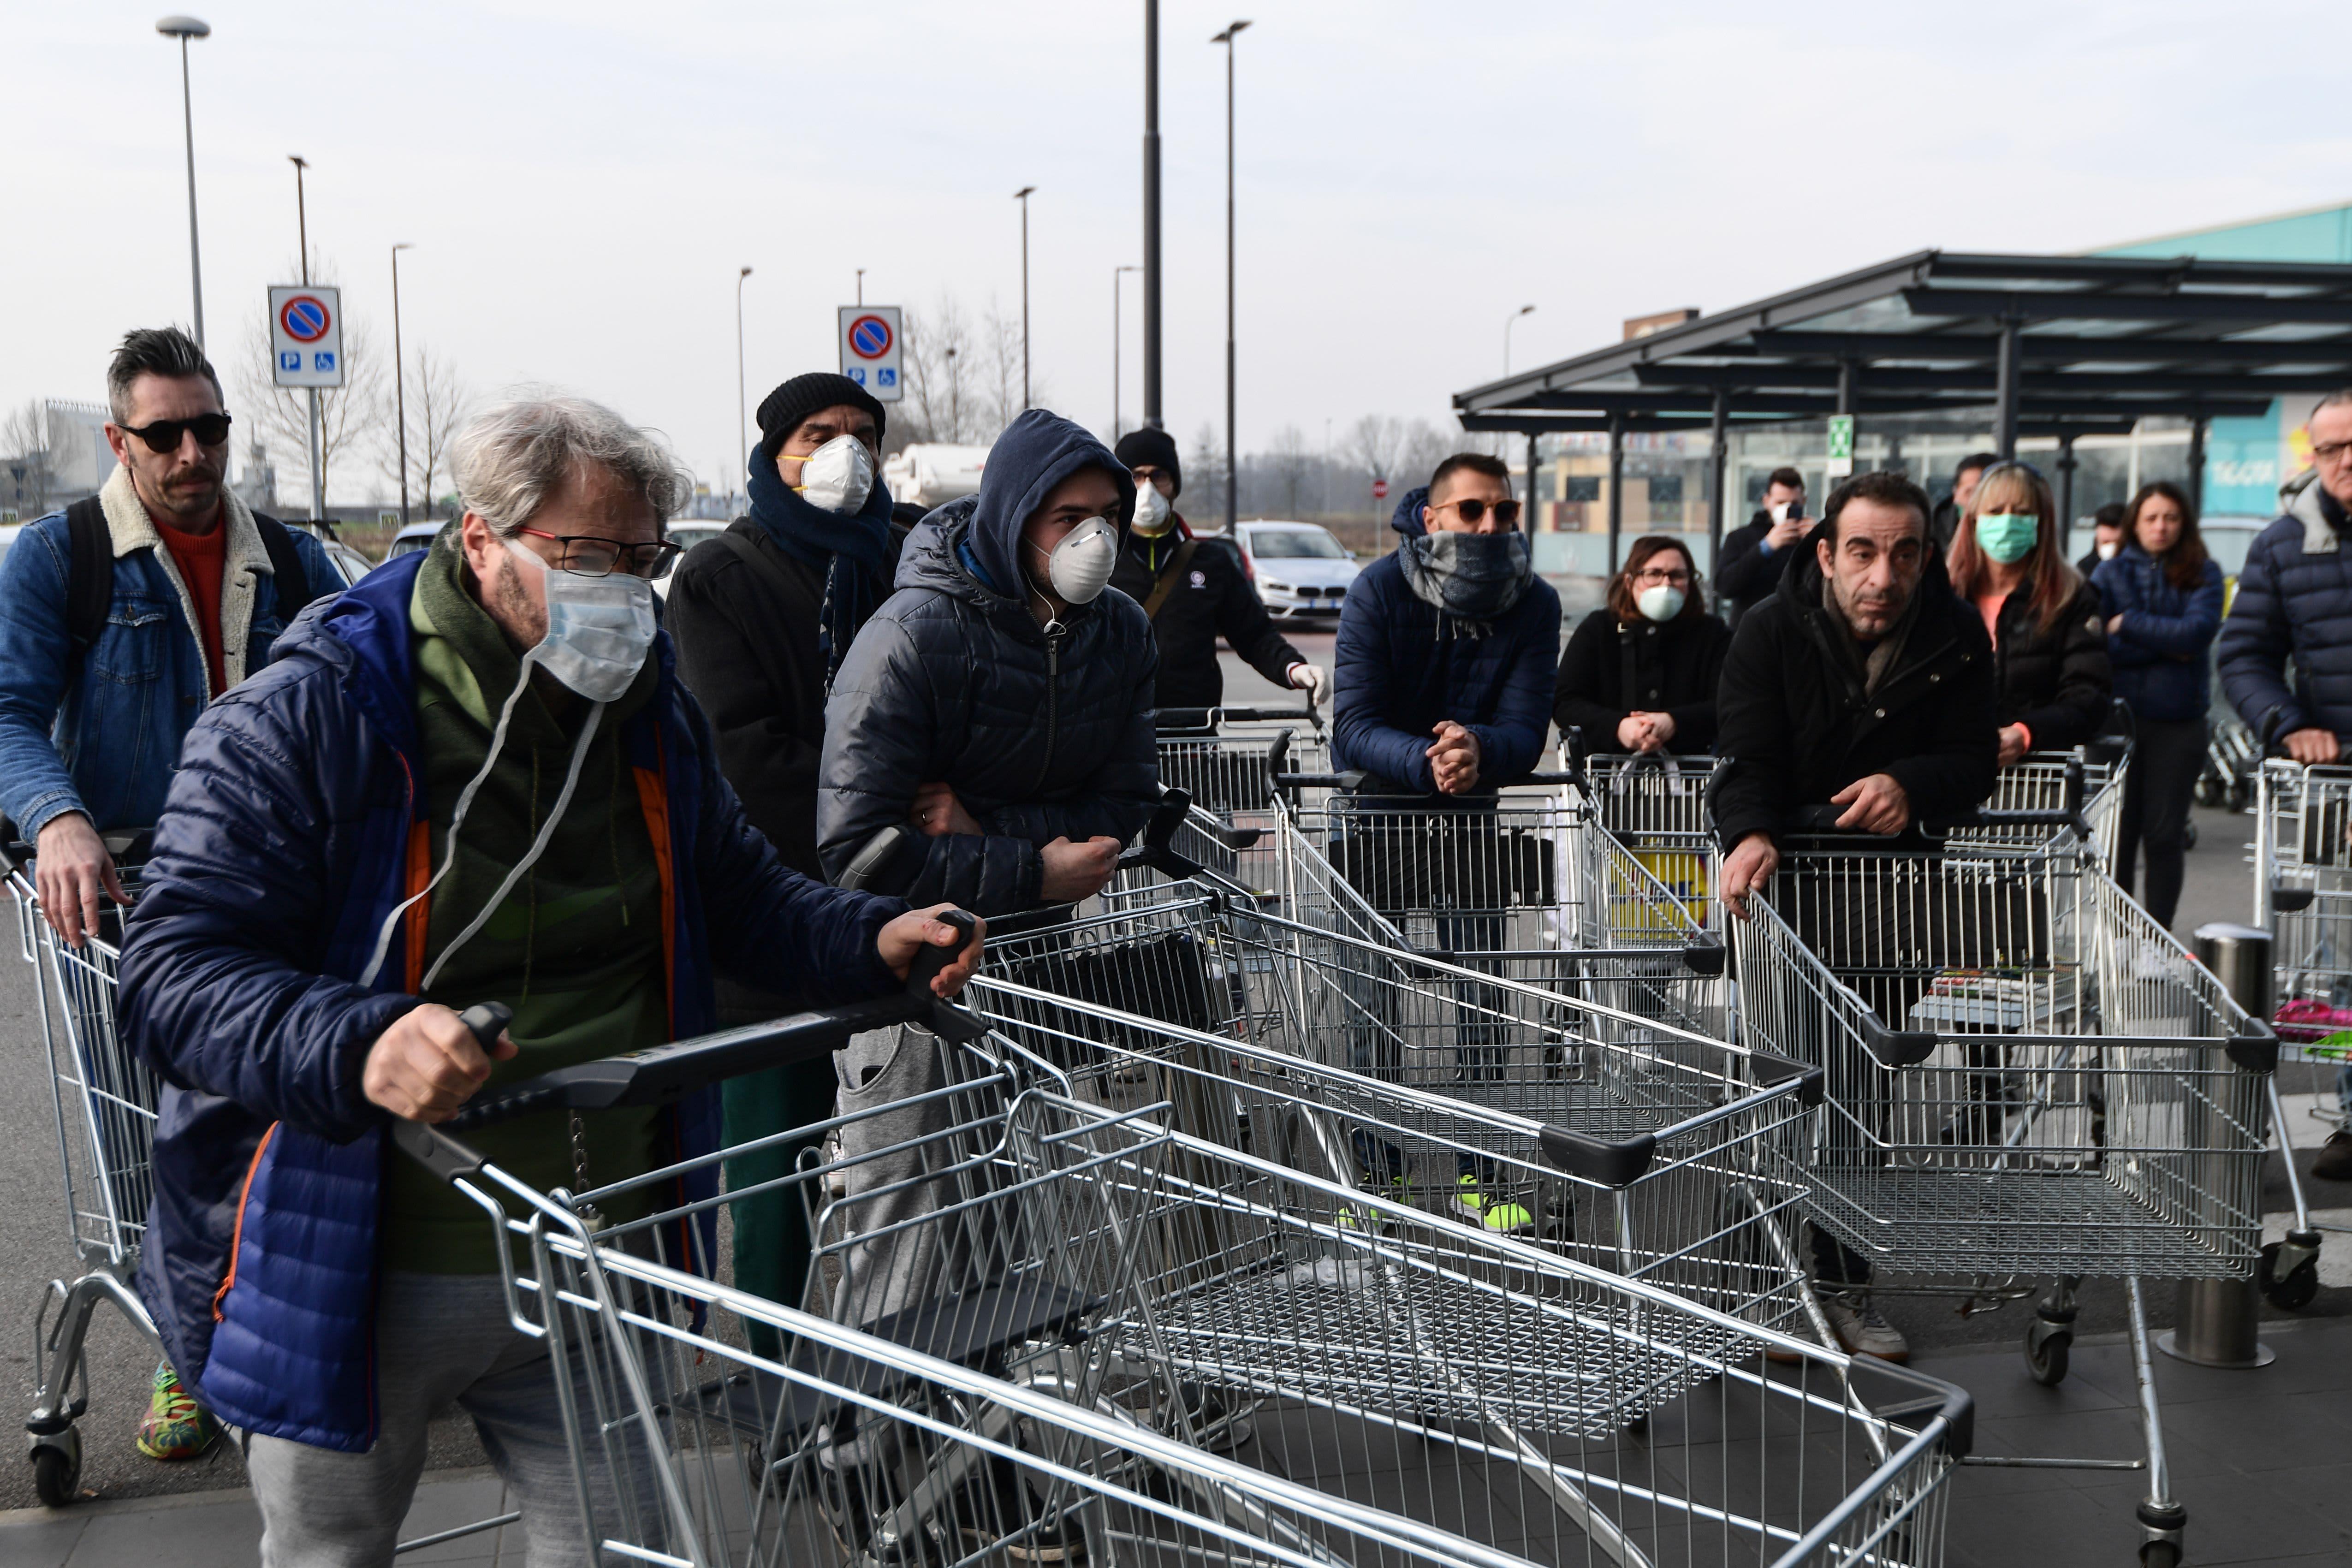 Coronavirus: Italy stocks plummet as virus prompts shutdown